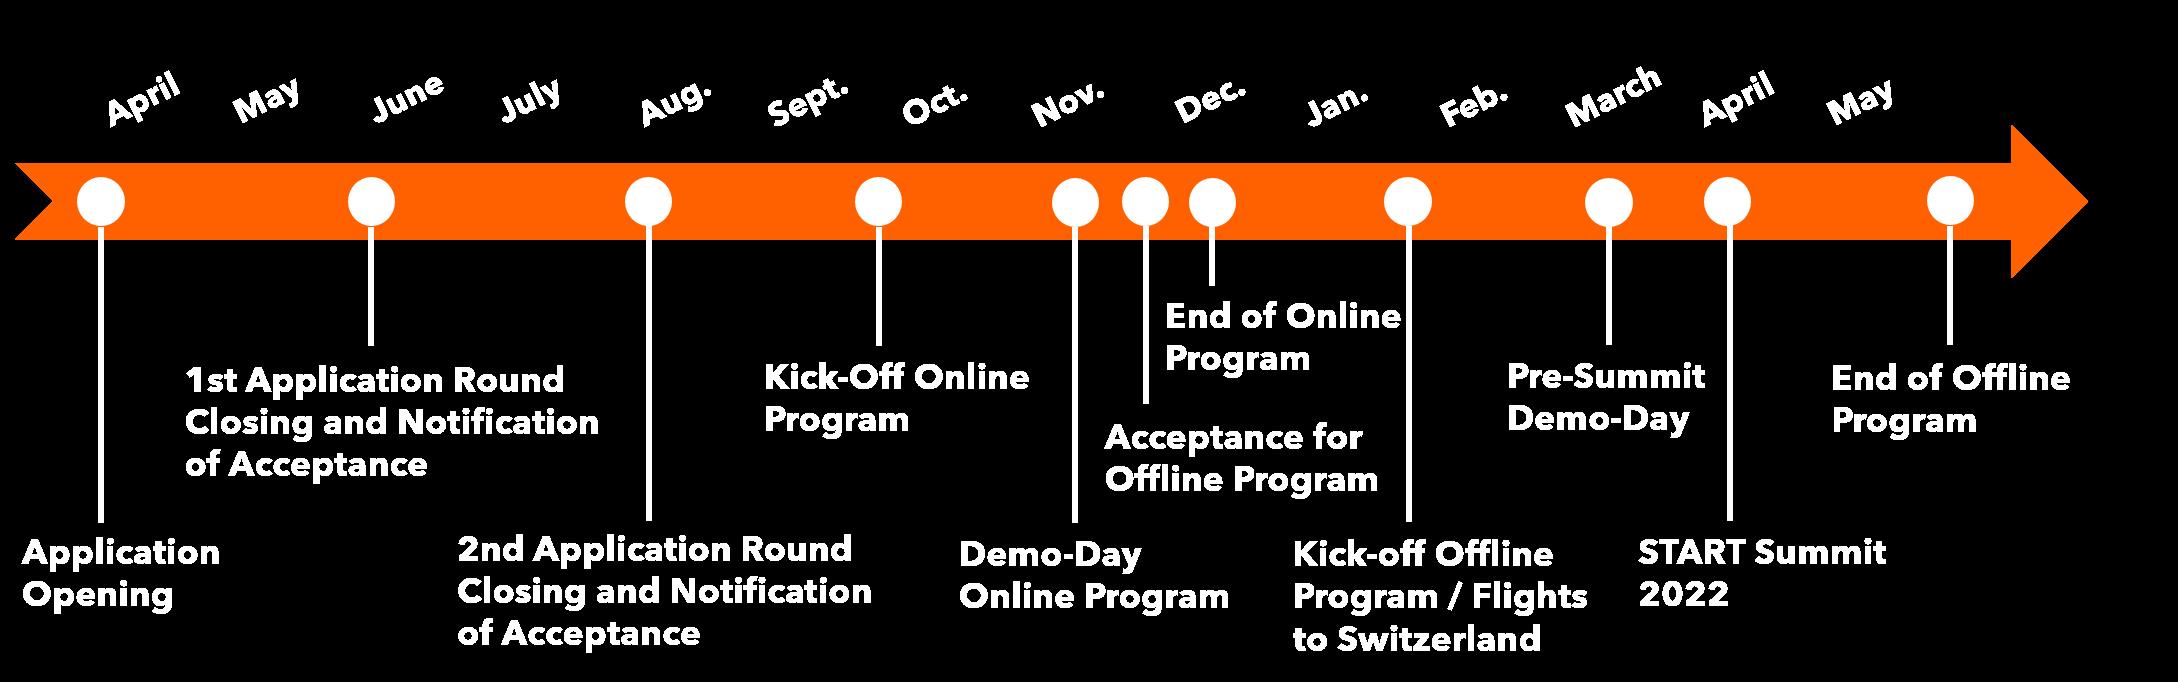 timeline final